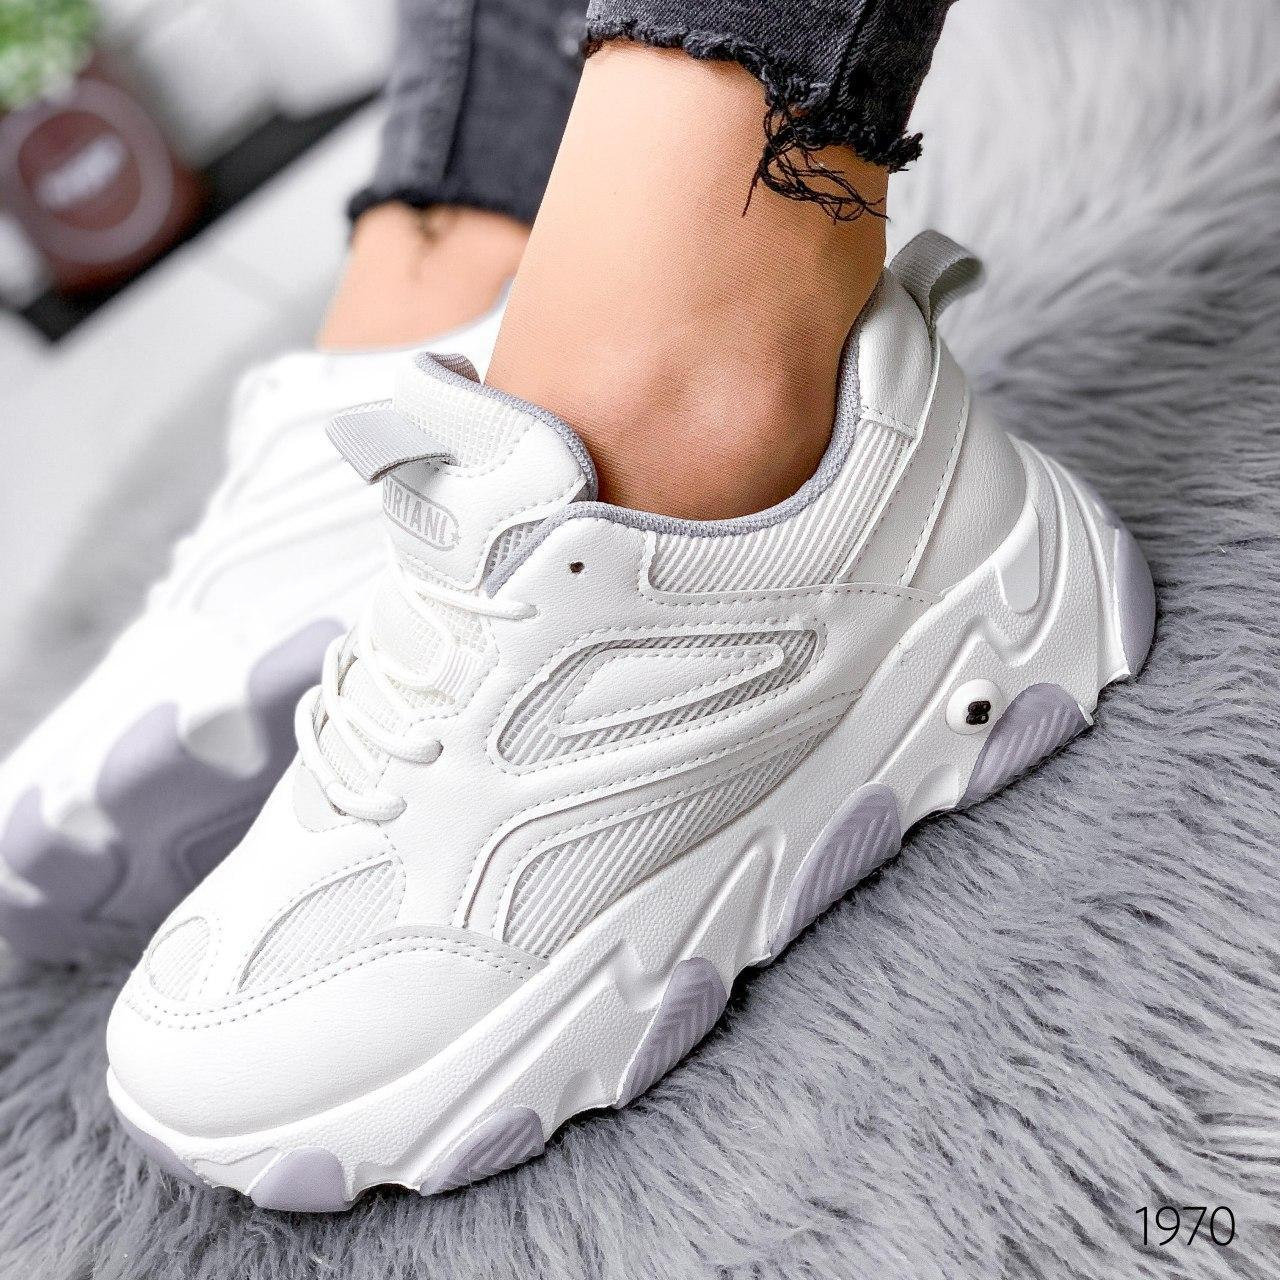 Кроссовки женские белые на платформе из эко кожи. Кросівки жіночі білі на платформі